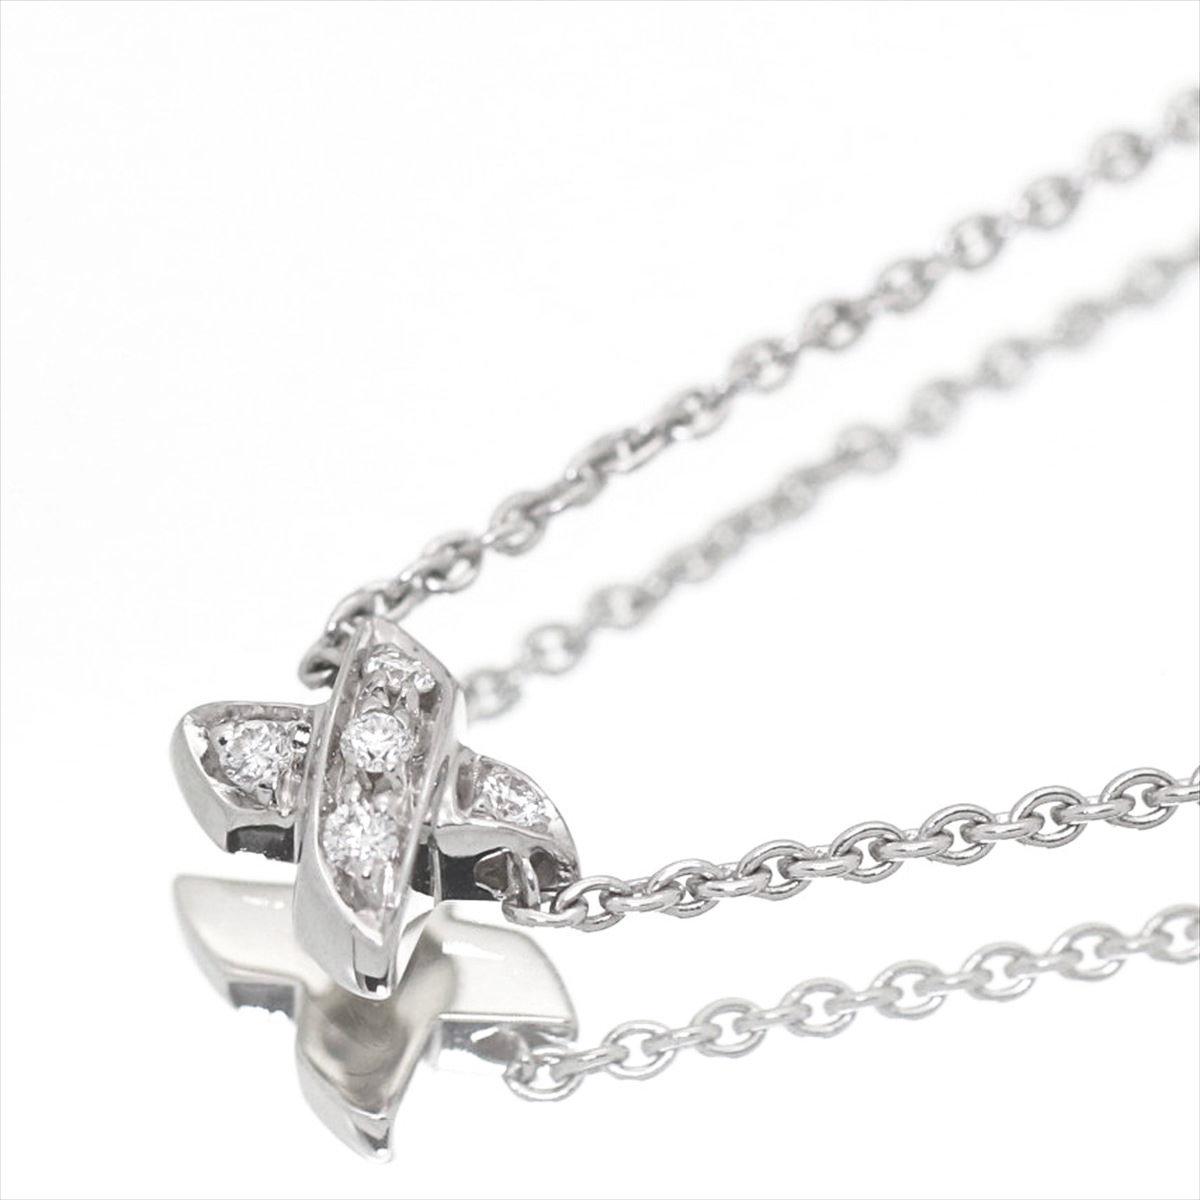 【新古品】ティファニー/Tiffany&co グラフィティ X(キス) ネックレス Pt950 5Pダイヤ レディース プラチナ